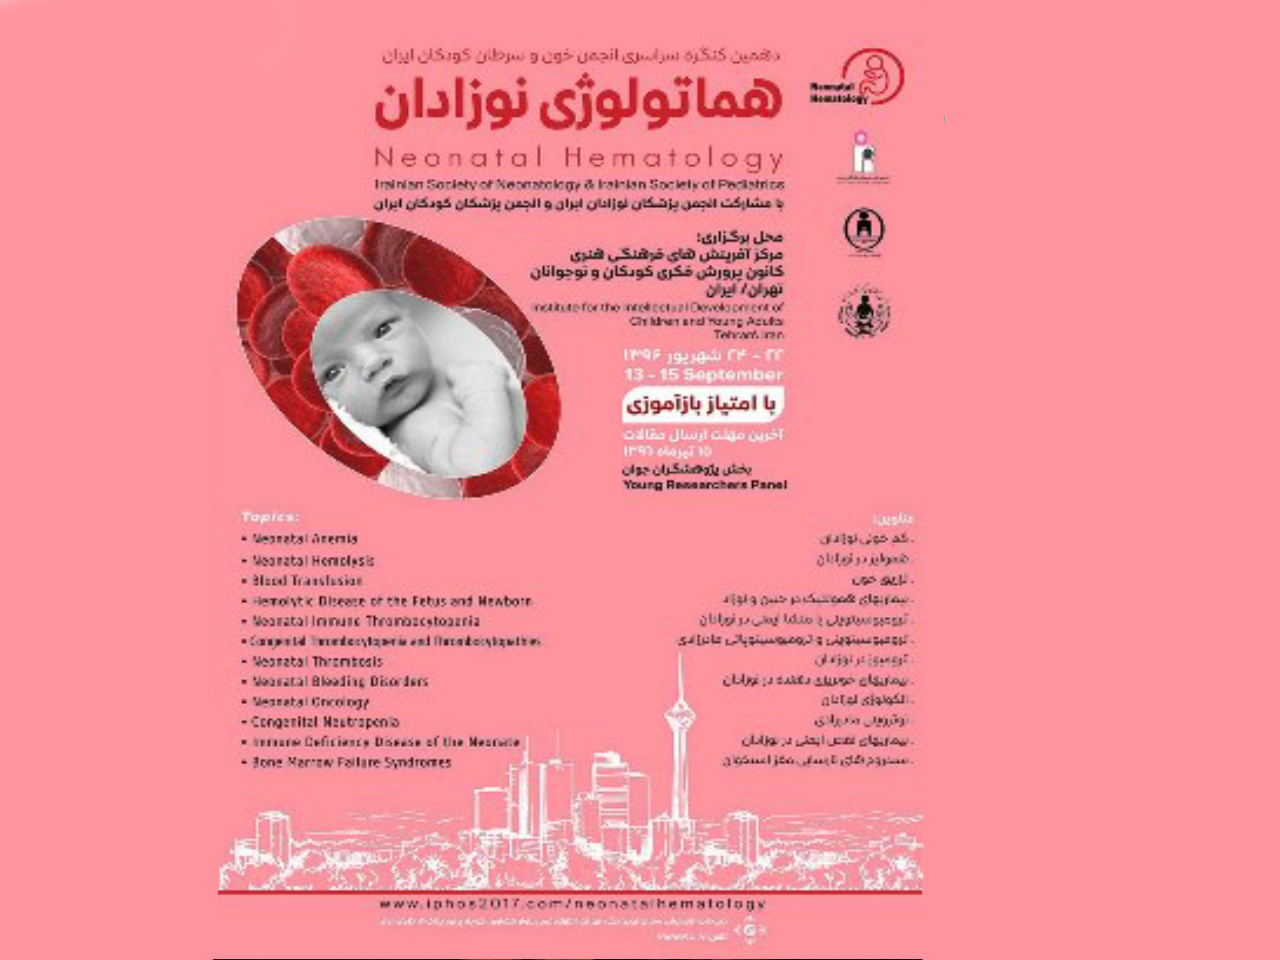 پیام رئیس دهمین کنگره انجمن خون و سرطان کودکان ایران